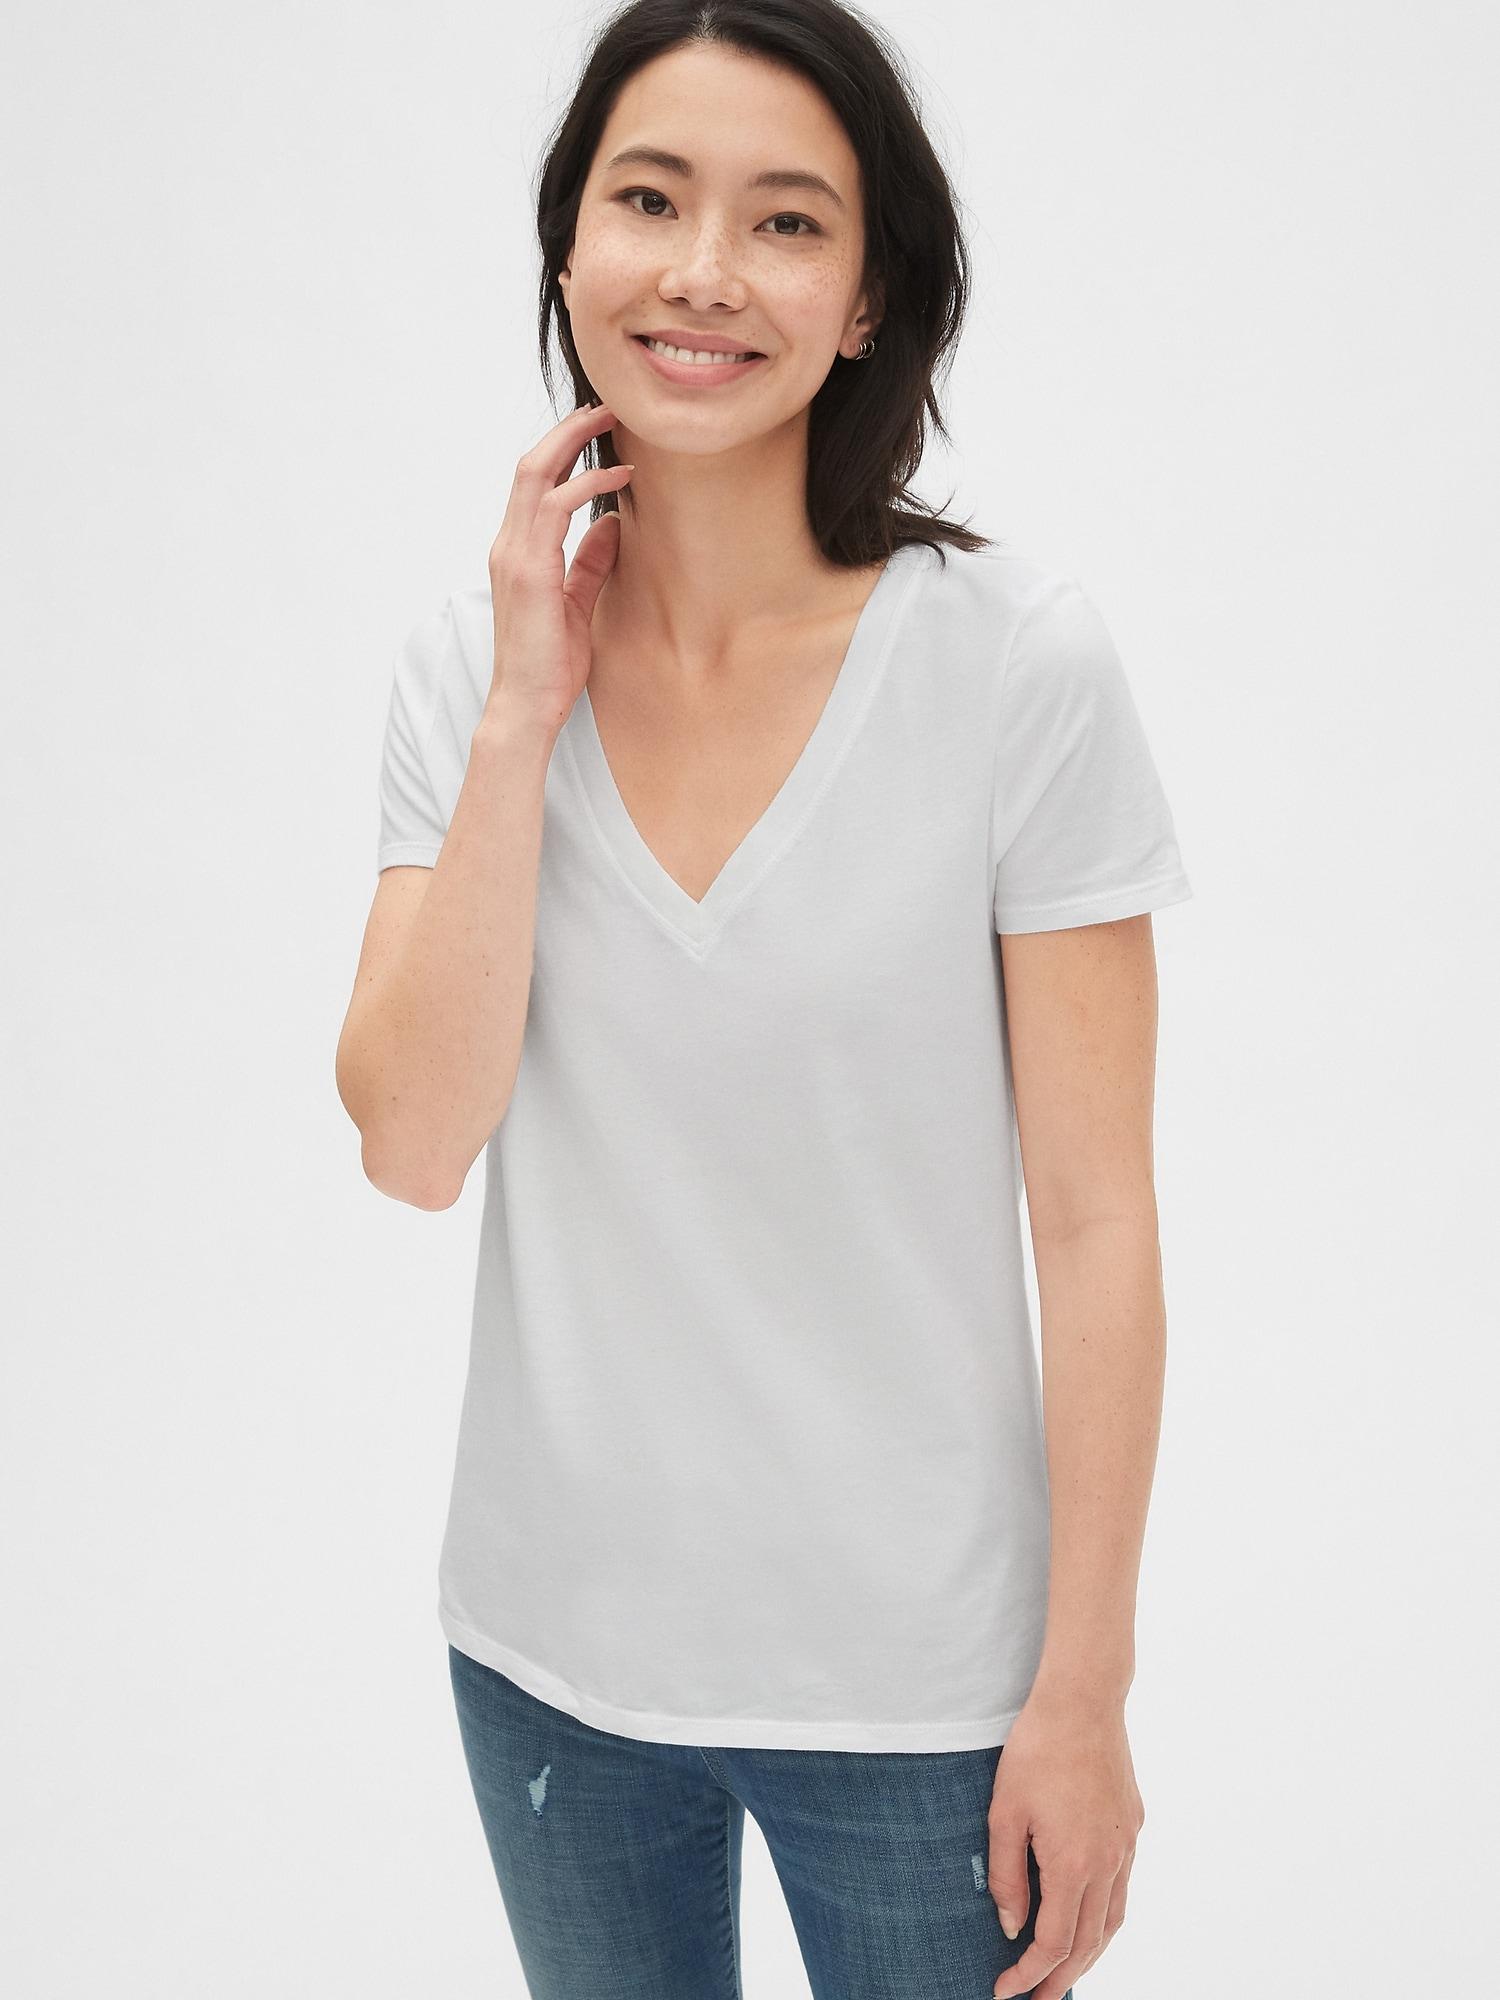 半袖vネックtシャツ(ヴィンテージウォッシュ)